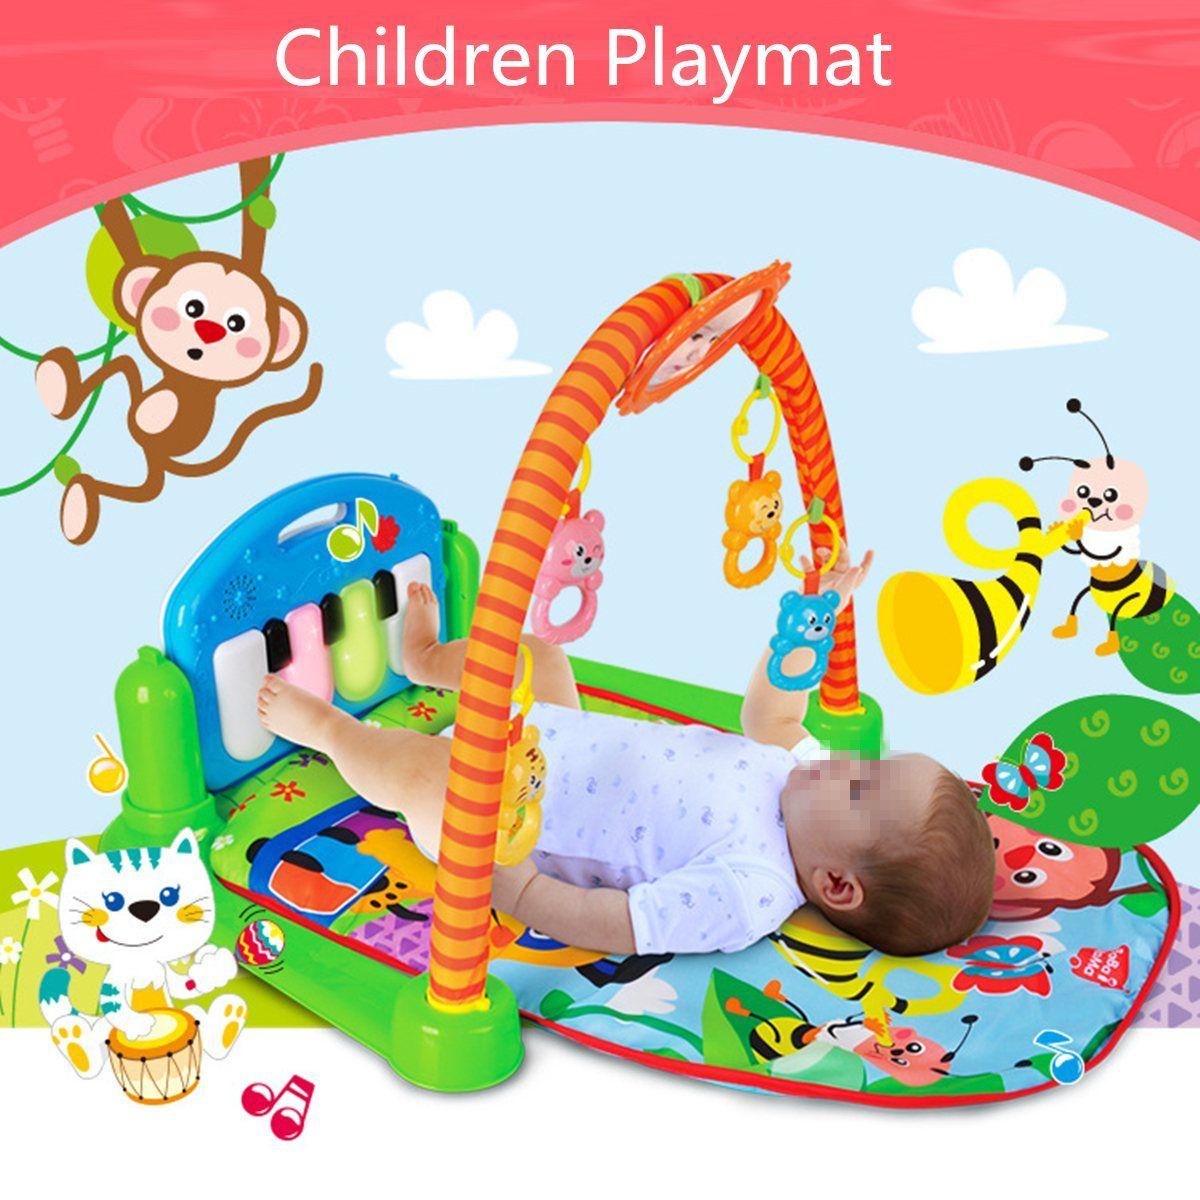 3 en 1 de Rainforest Musical Lullaby Actividad Bebé Playmat Gimnasio juguete Suave Alfombra Estera Del Juego Del Bebé de Fitness Infantil Educativo de Rack juguetes